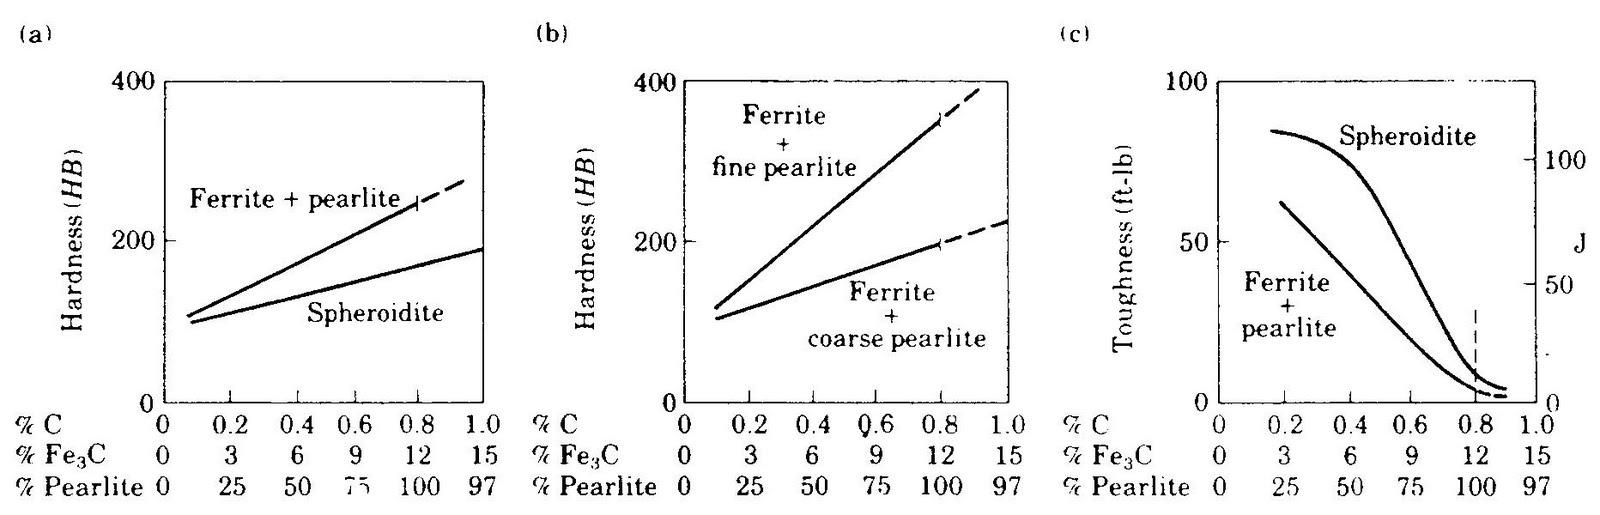 Pemilihan bahan dan proses gambar 415 a dan b kekerasan dan c ketangguhan untuk baja karbon biasa anil sebagai fungsi dari karbida bentuk karbida dalam perlit yang pipih ccuart Gallery